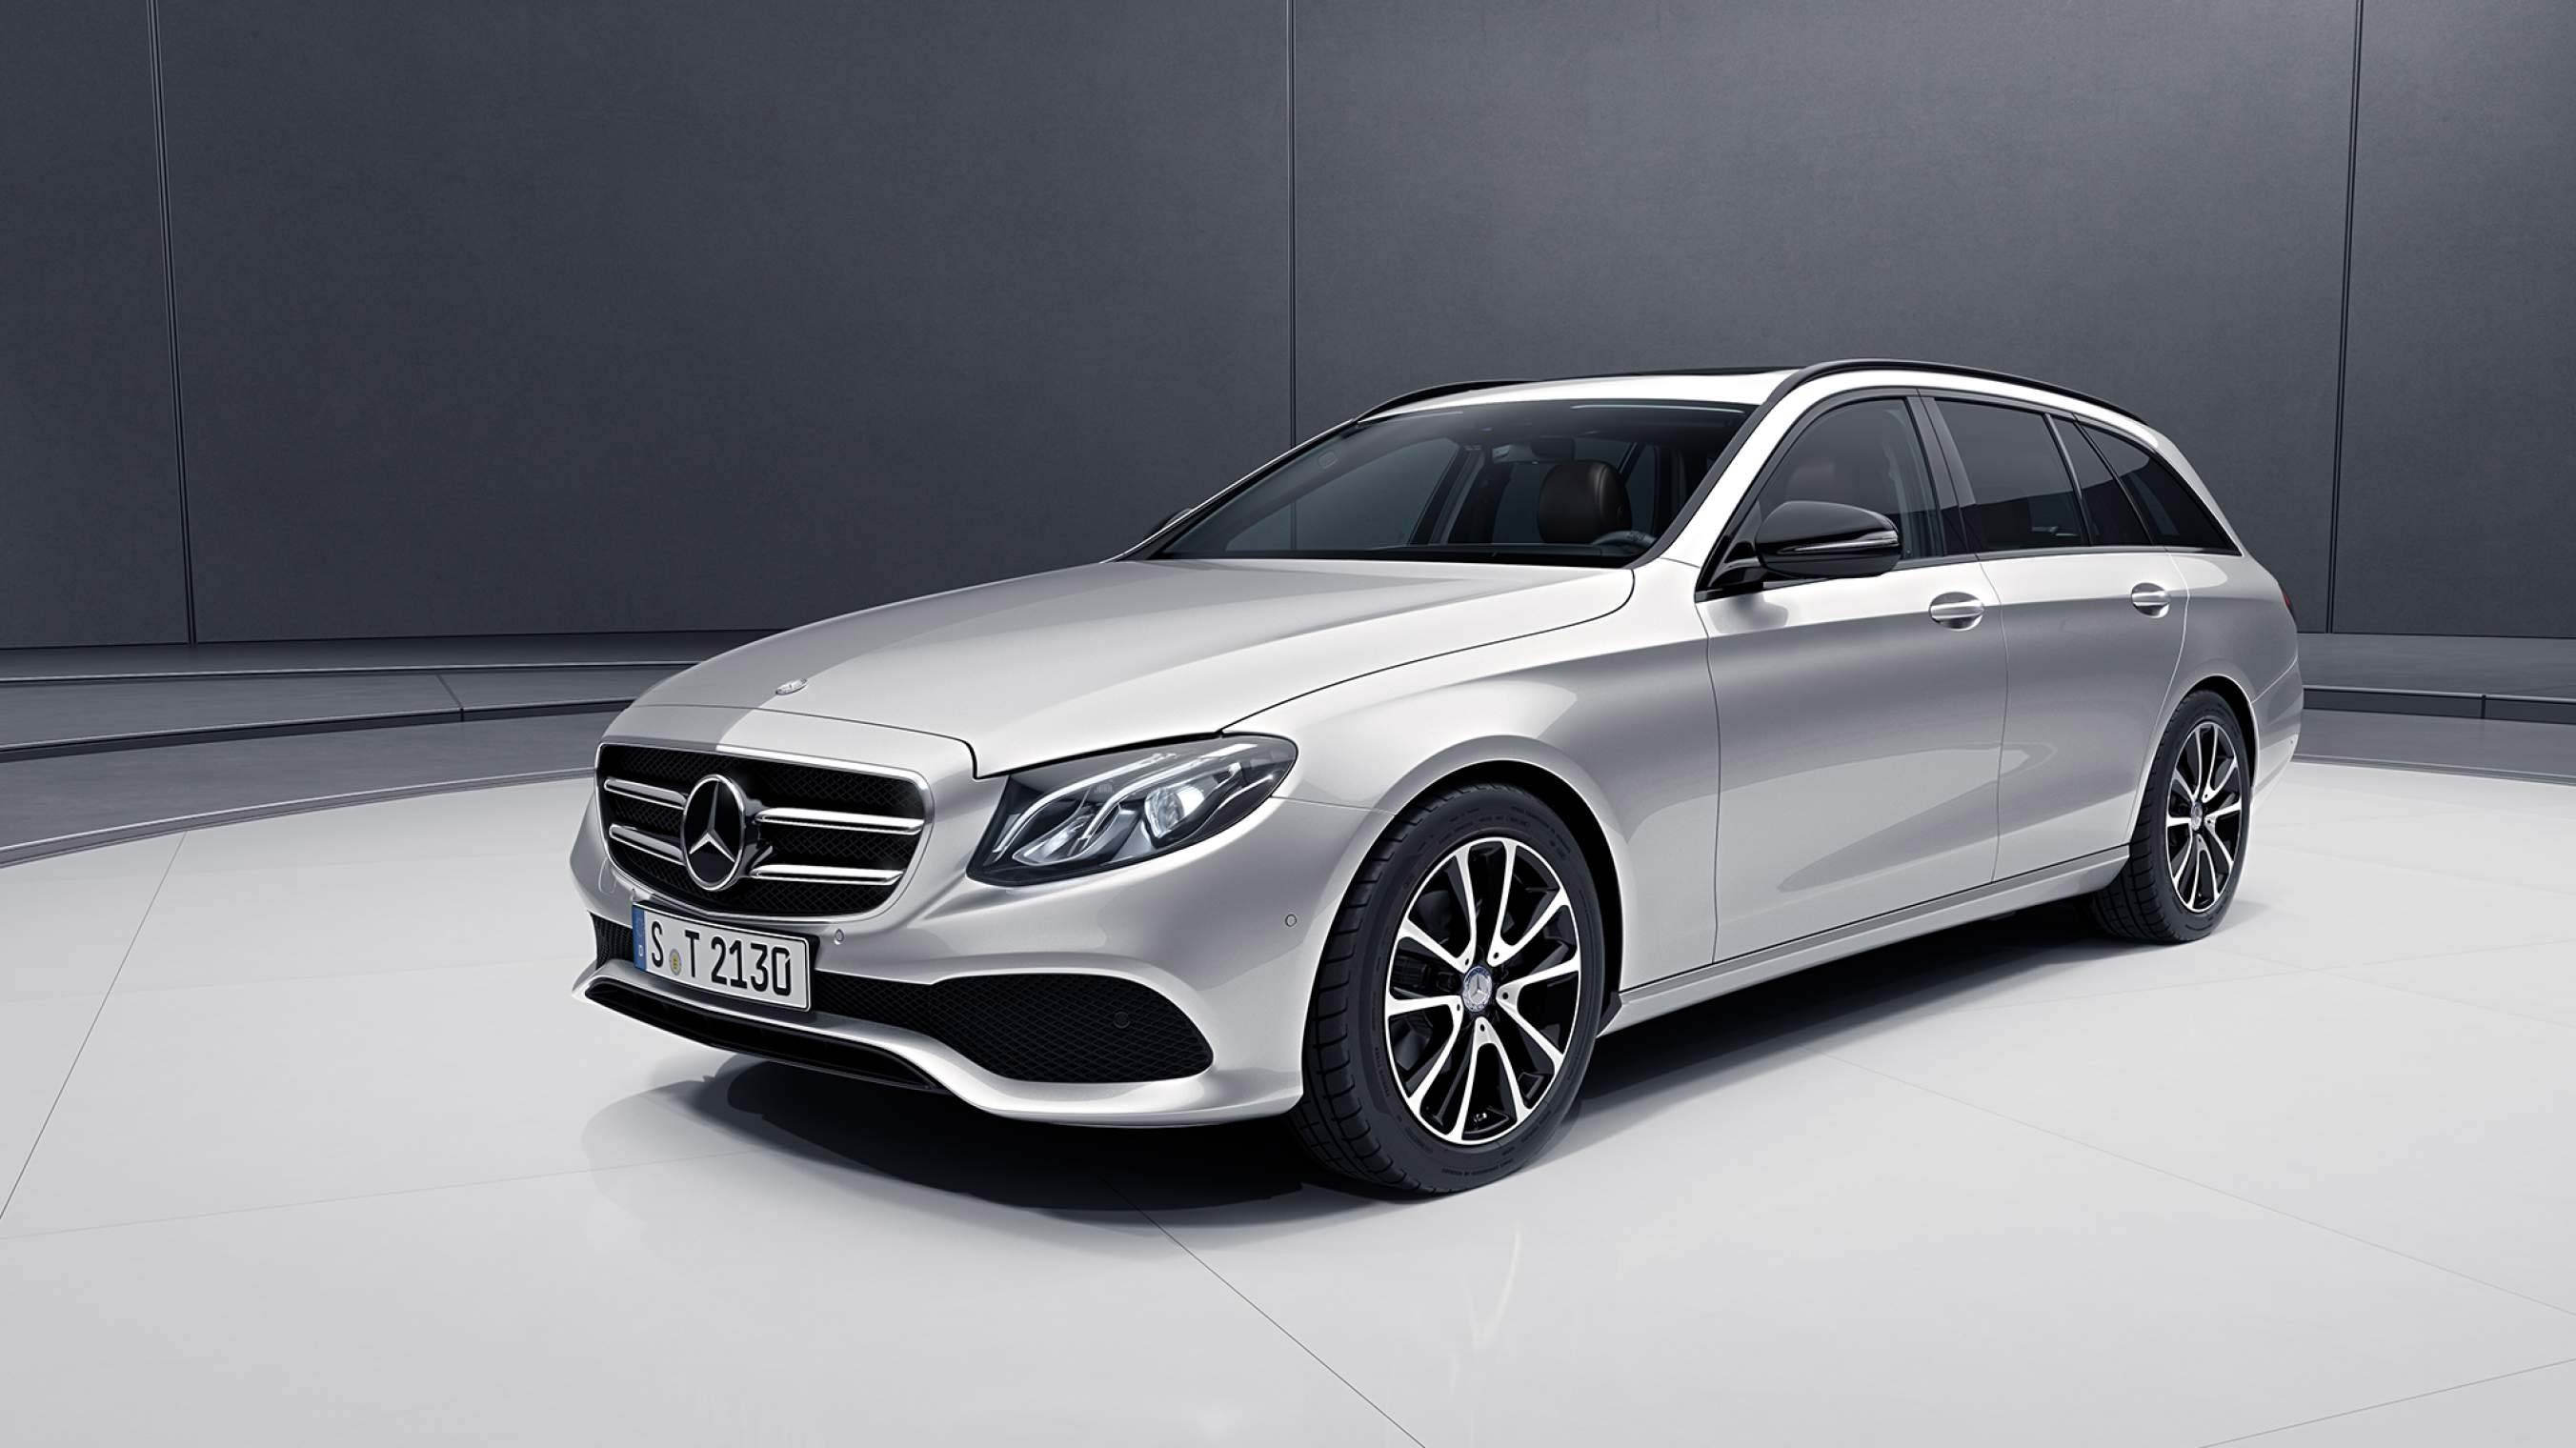 Mercedes-Benz E-Klass FleetEdition hos Björkholm bil i Skövde